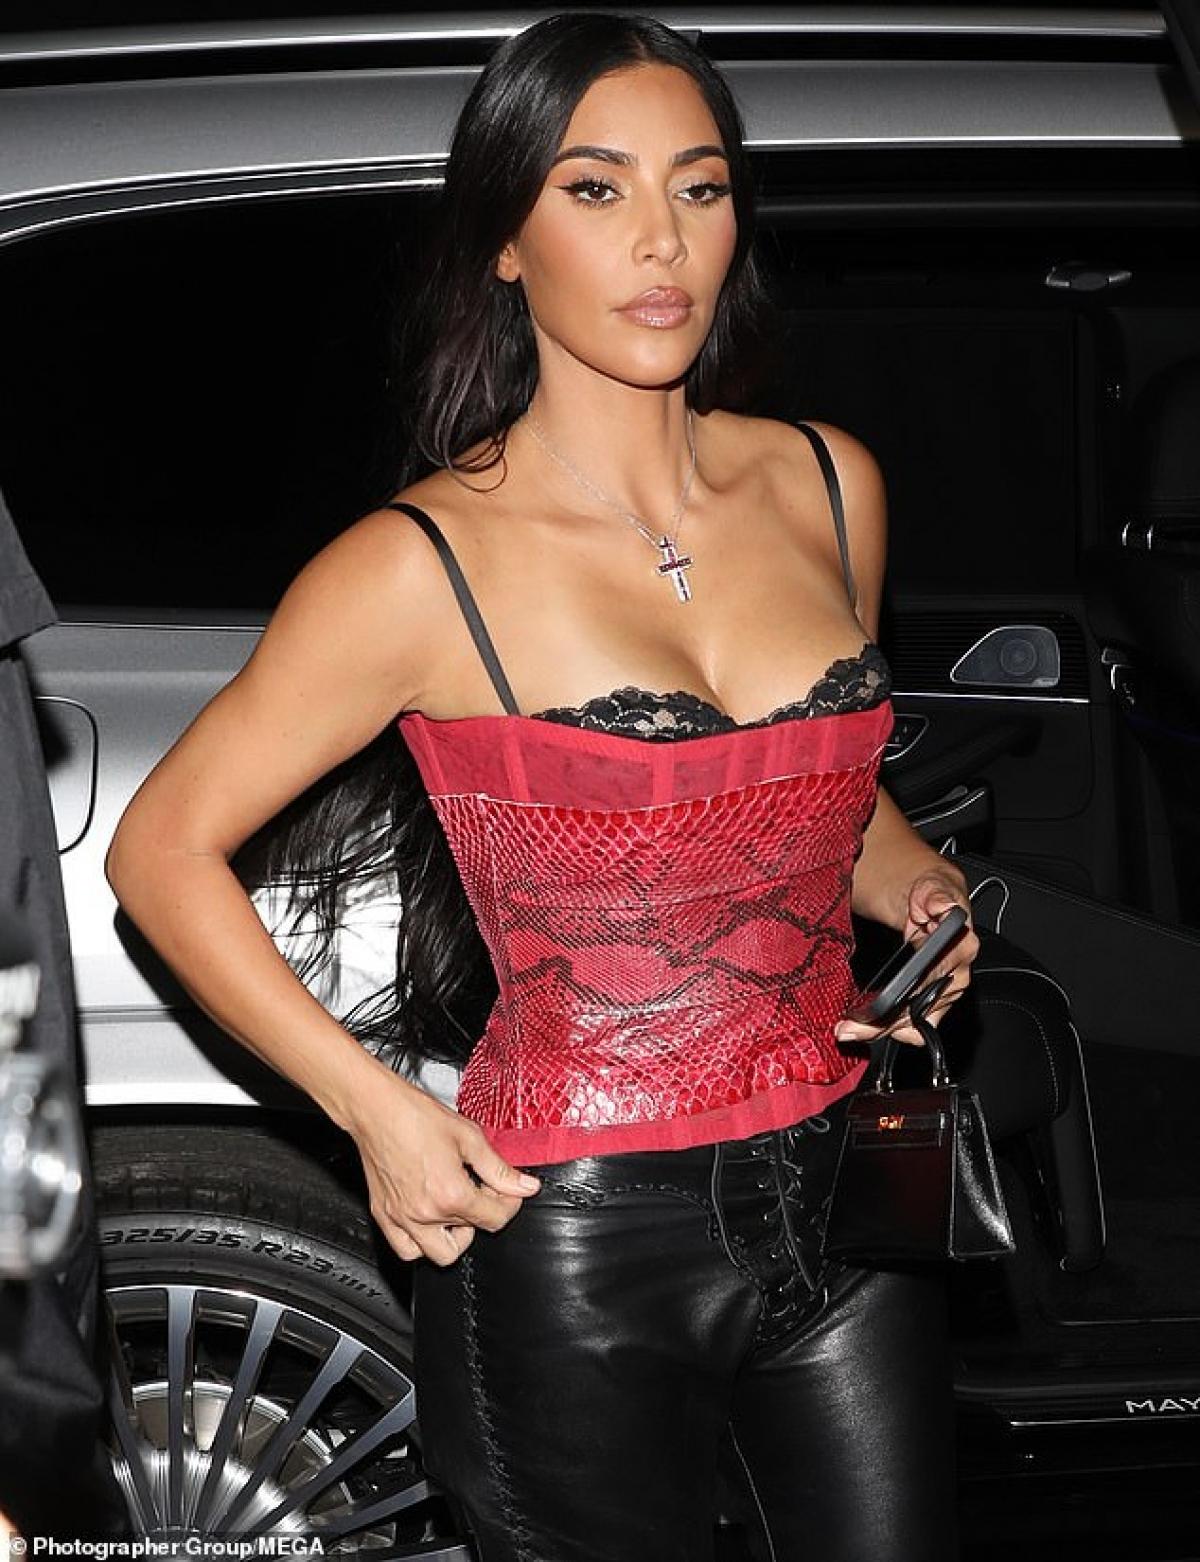 Kim và Kanye West tổ chức một đám cưới xa hoa ở Italia vào tháng 5 năm 2014.